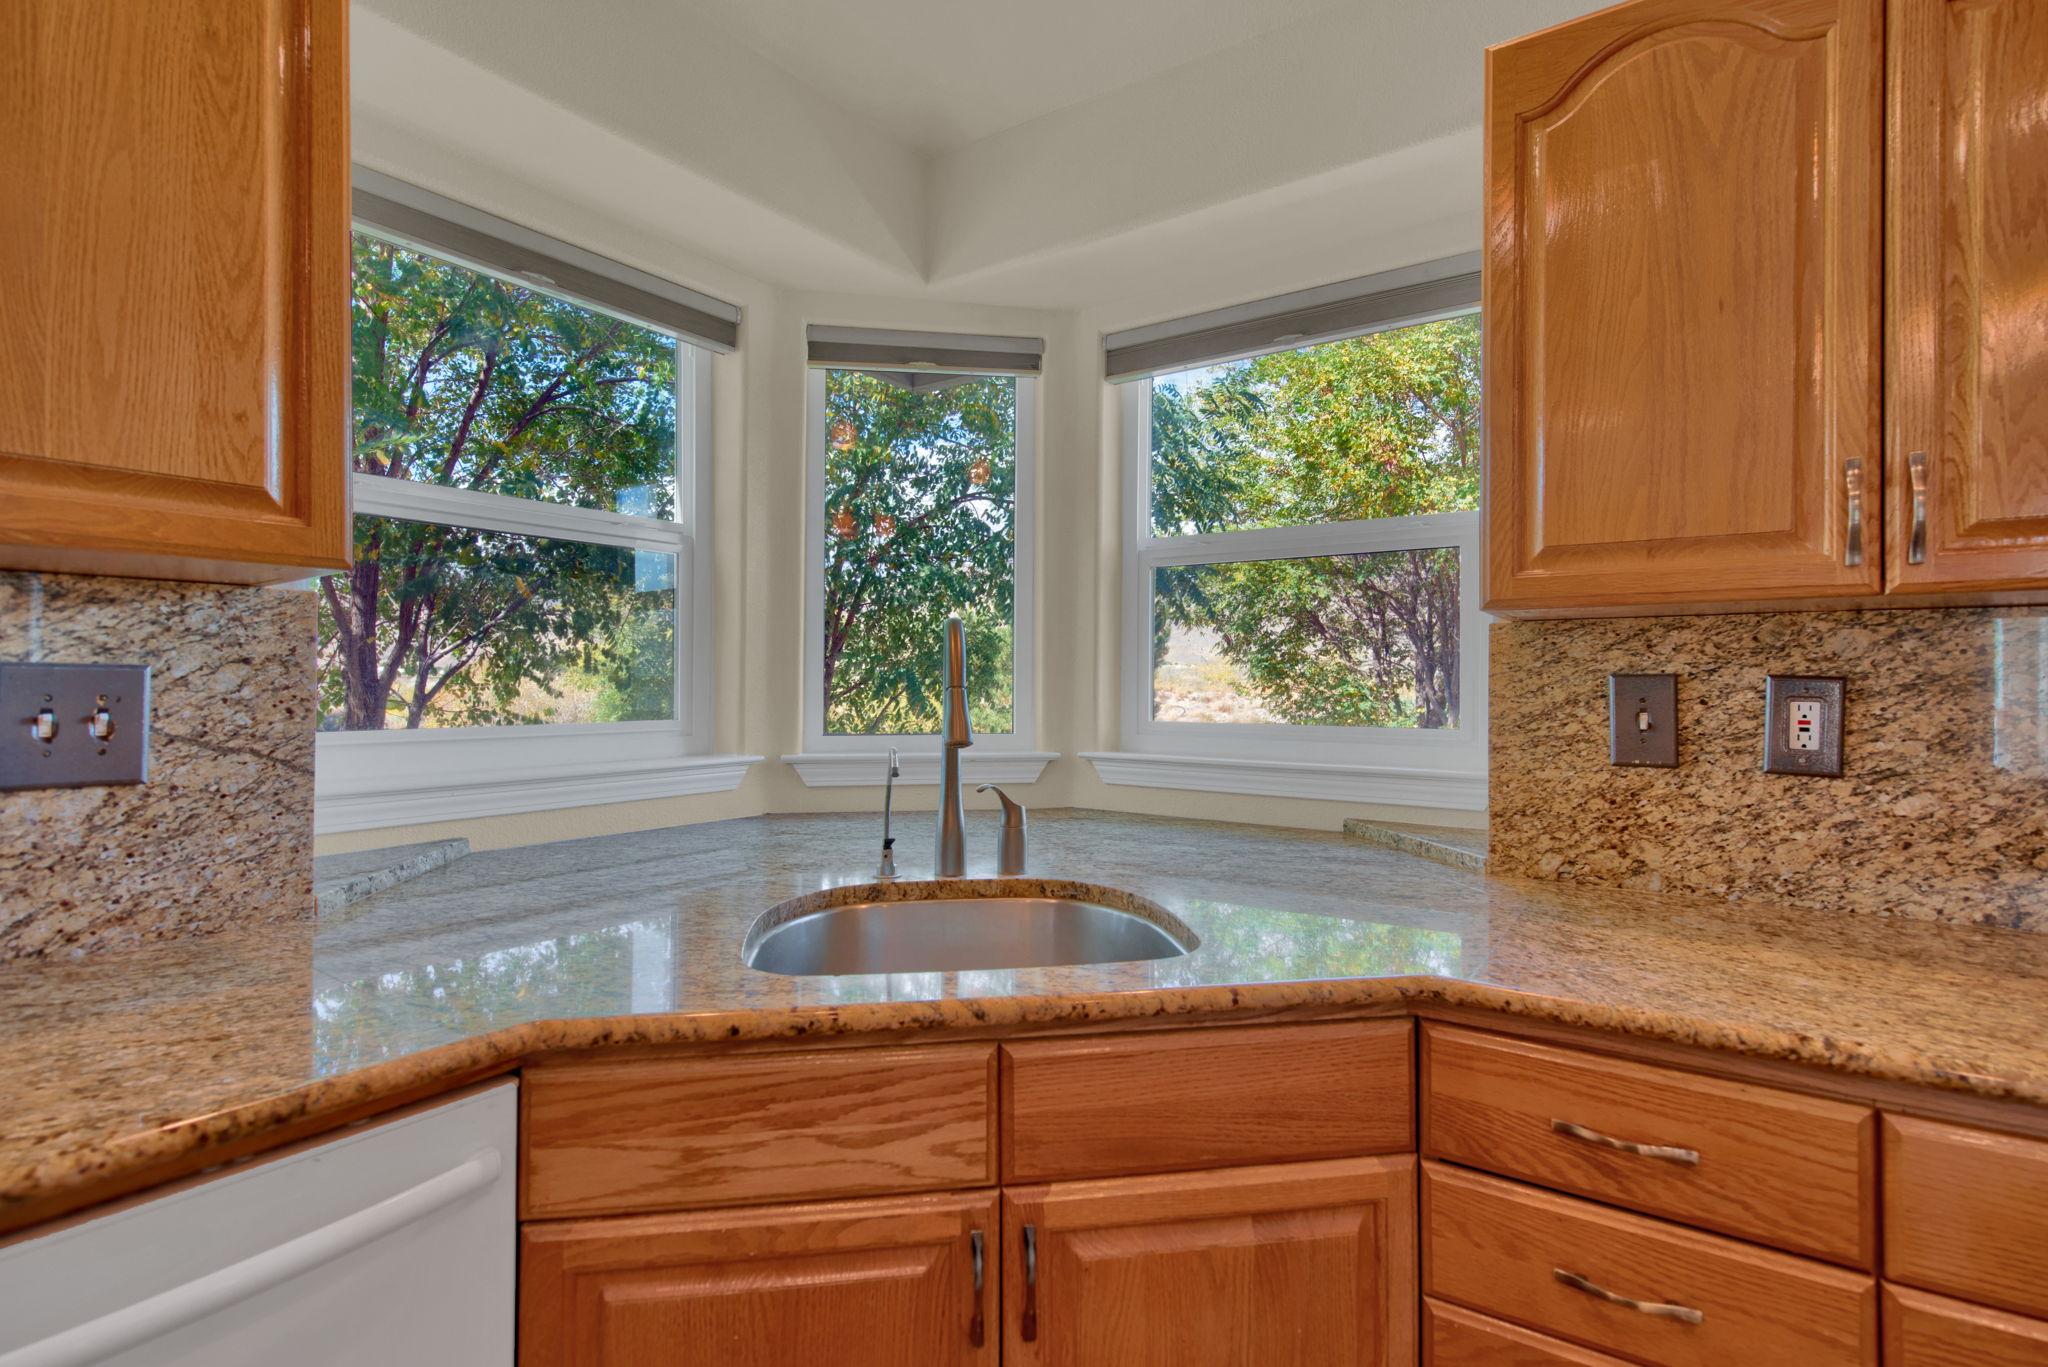 Kitchen Sink with Bay Windows